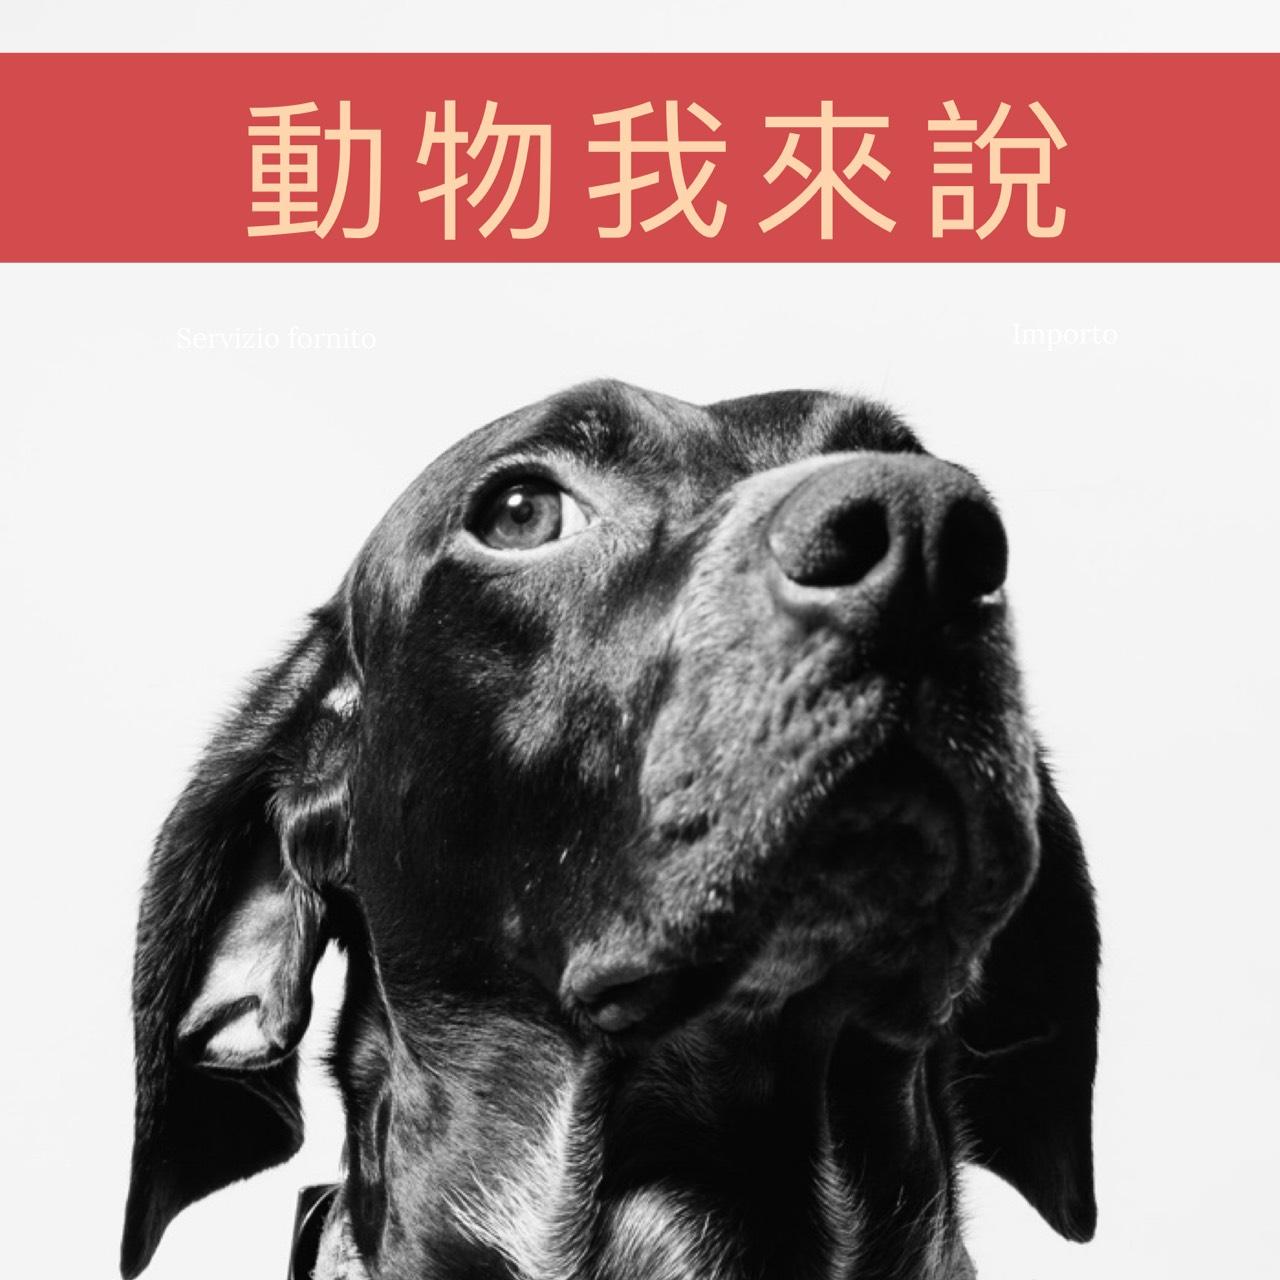 Ep21—動物我來說系列《人人想當寵物美容師,背後辛酸誰人知FEAT.酉家寵物旅館Weny老闆娘》